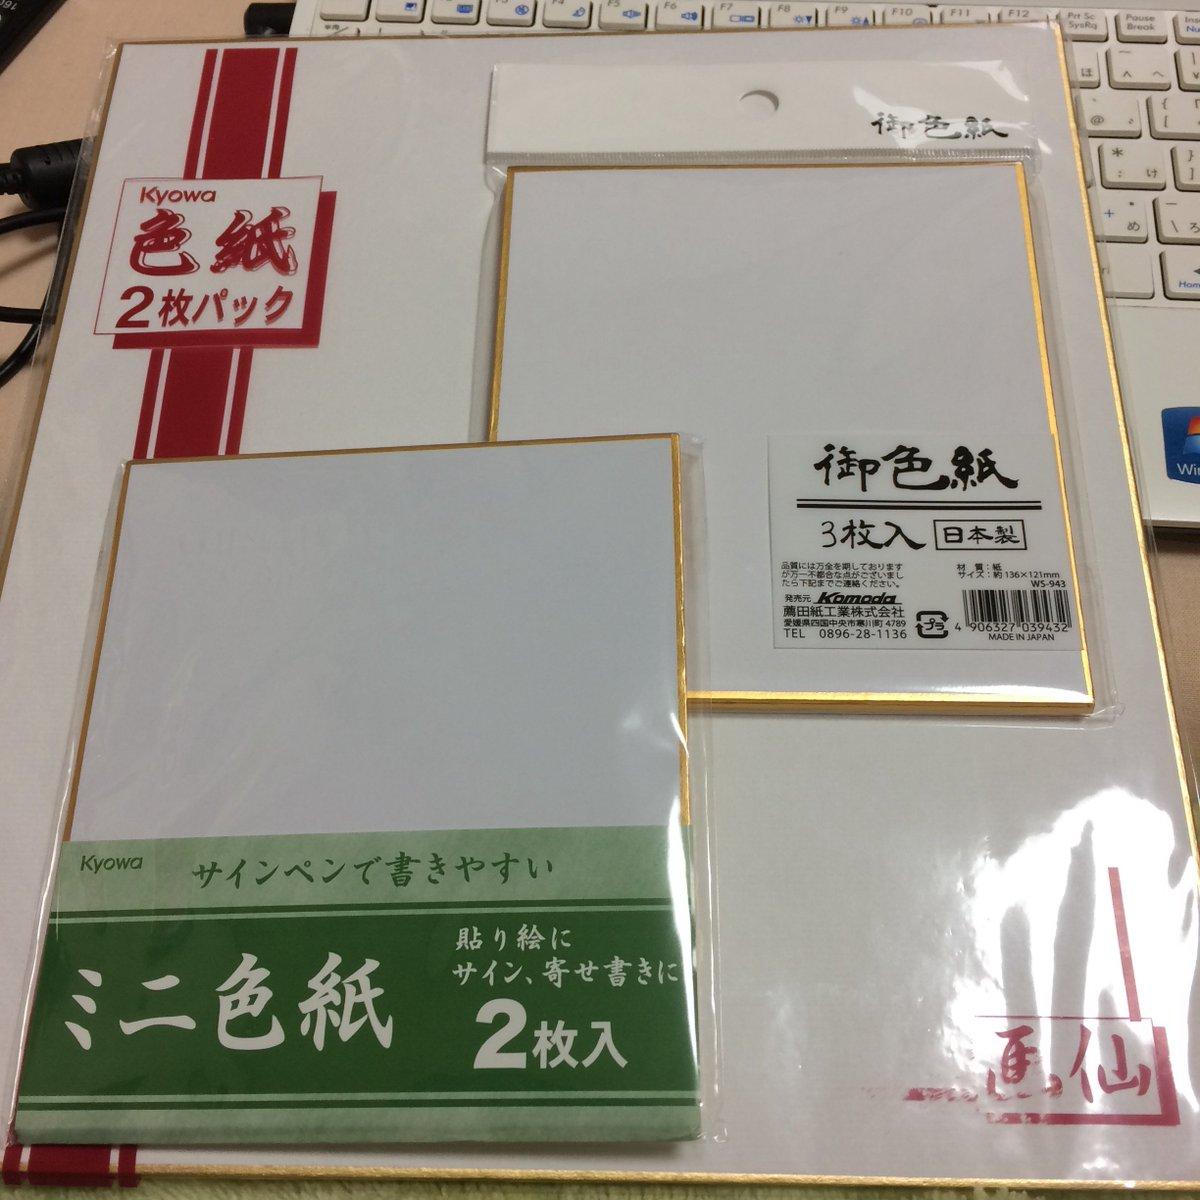 誕生日のお祝い用などイラスト色紙を「はいふりコミュニティスペース」(5階)へ持ち込む際には「komoda」の御色紙・3枚